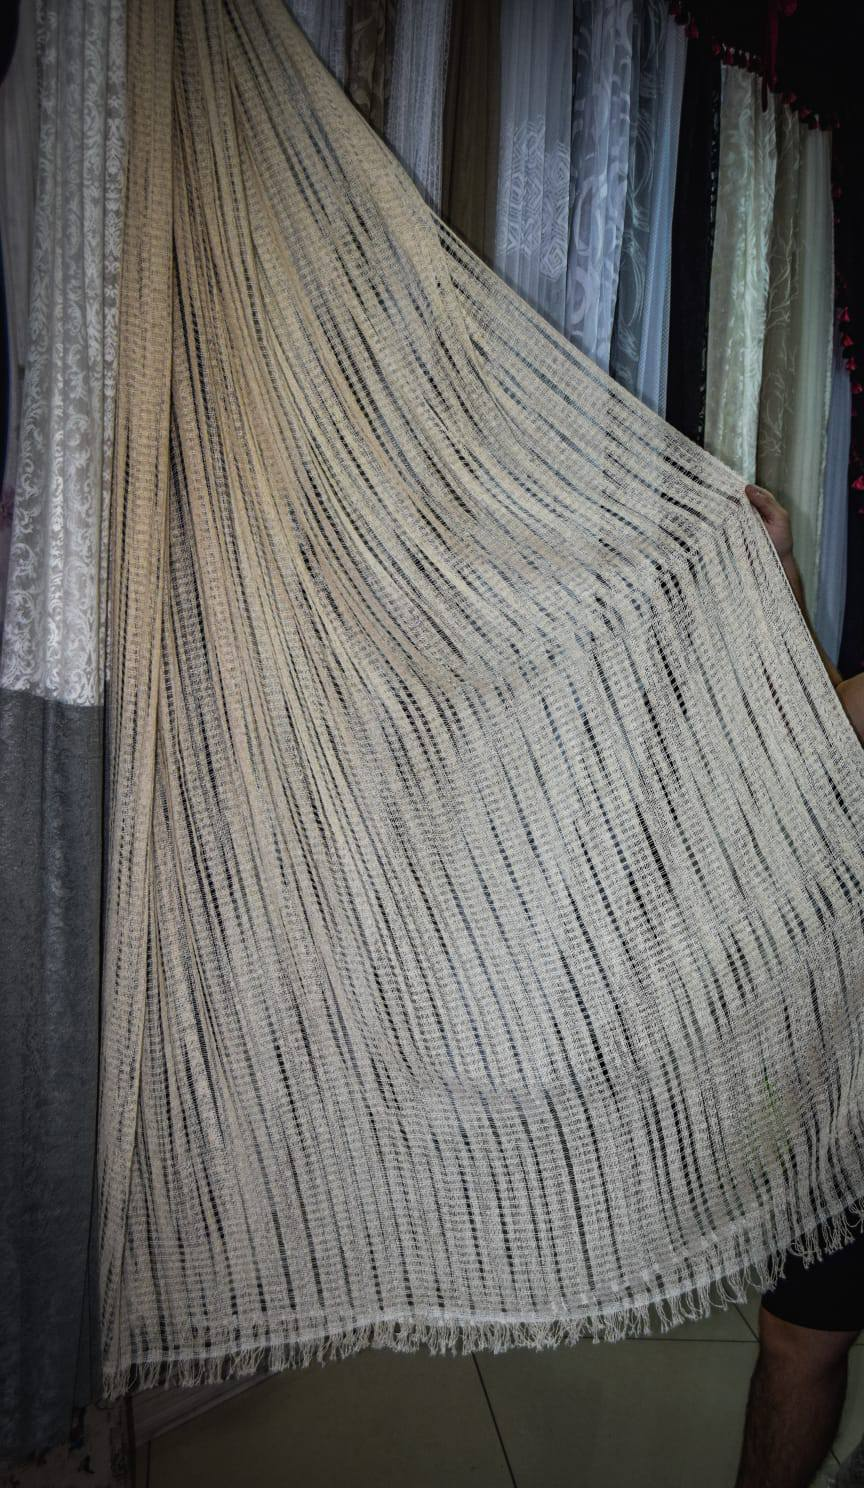 Koncana krem zavesa